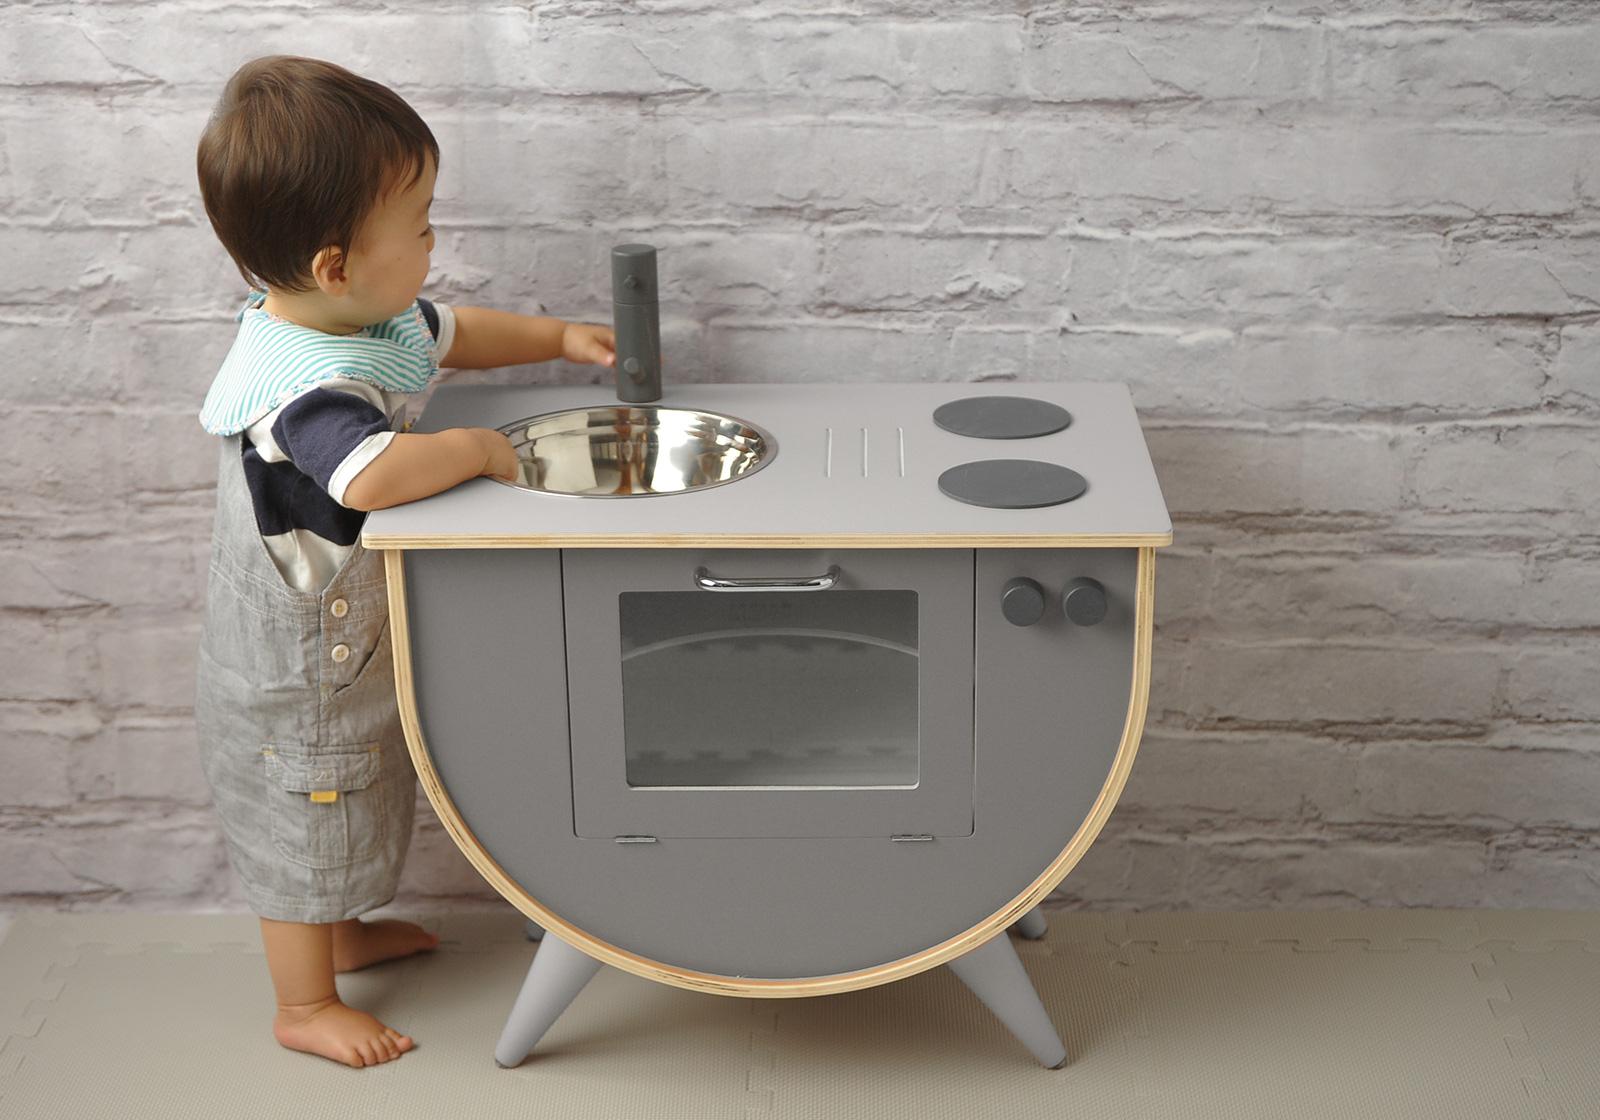 mercidays by HugMugの「おしゃれで創造力をかきたてるおままごとキッチン」に弊社取り扱い商品が掲載されました。